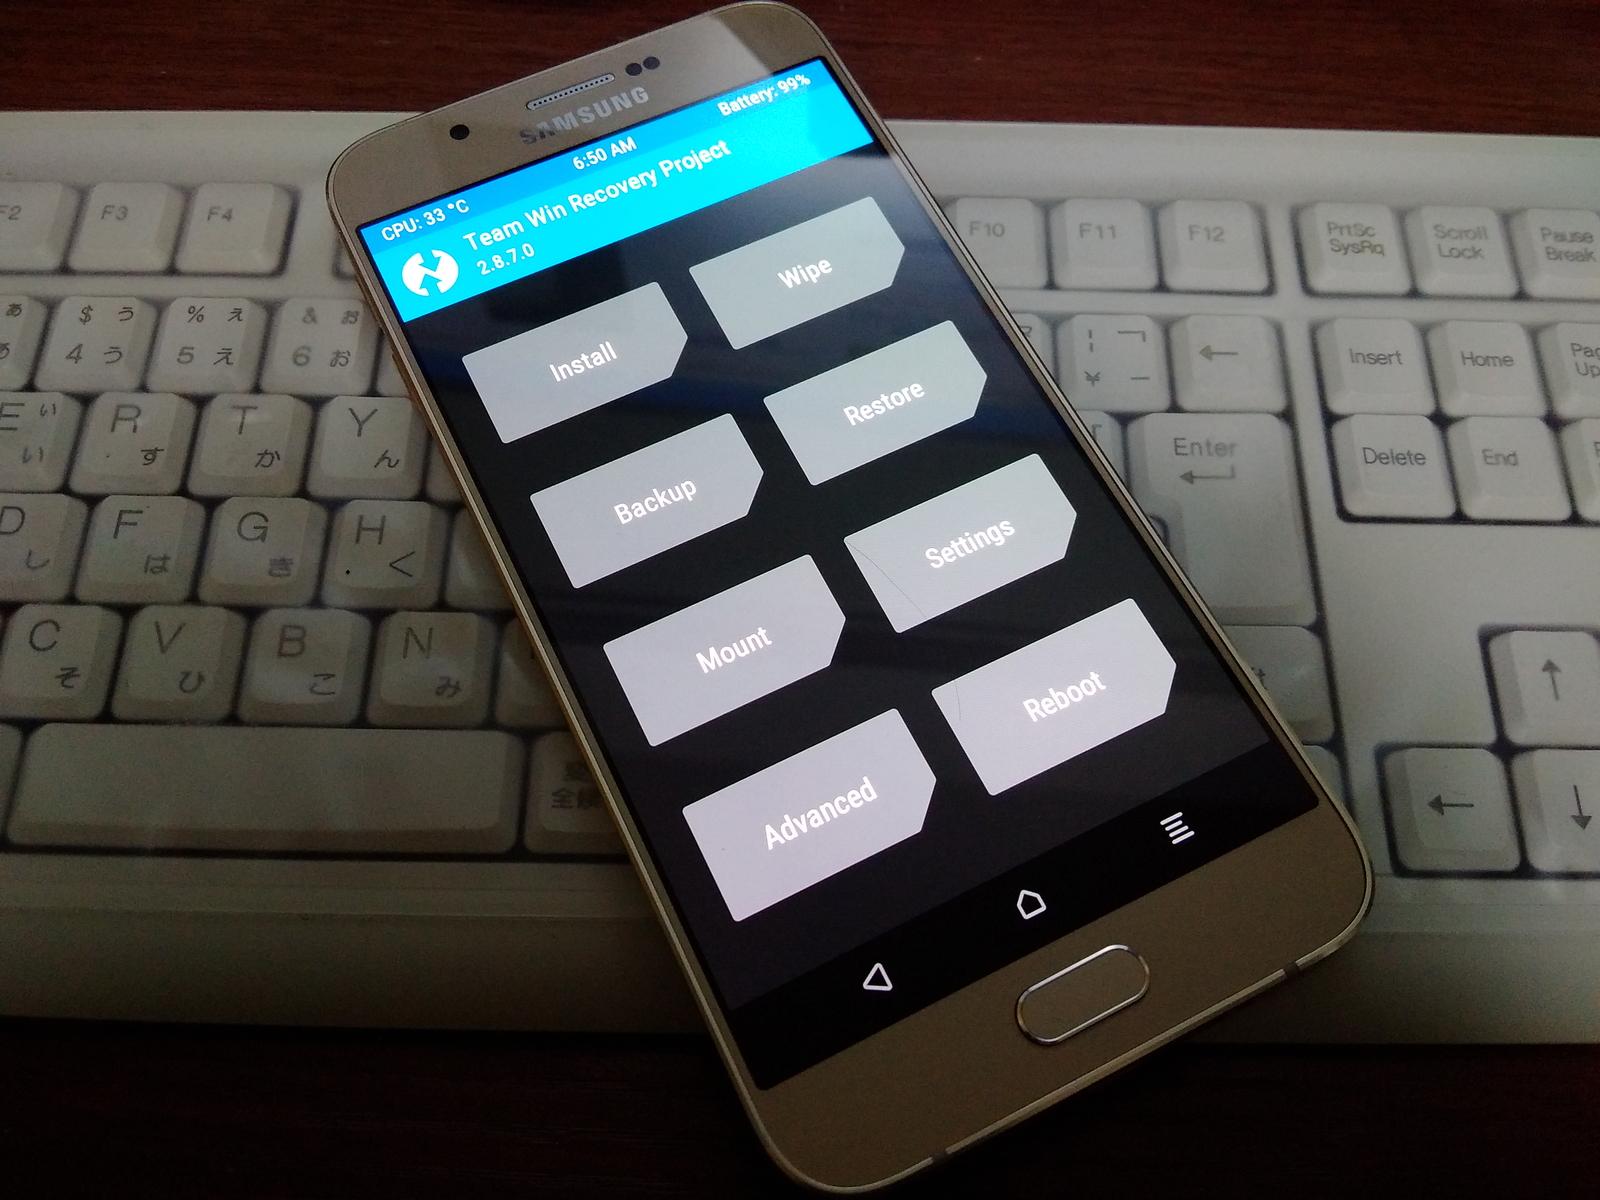 モノクロメカニズム: Galaxy A8 [SM-A800F] にカスタムリカバリ